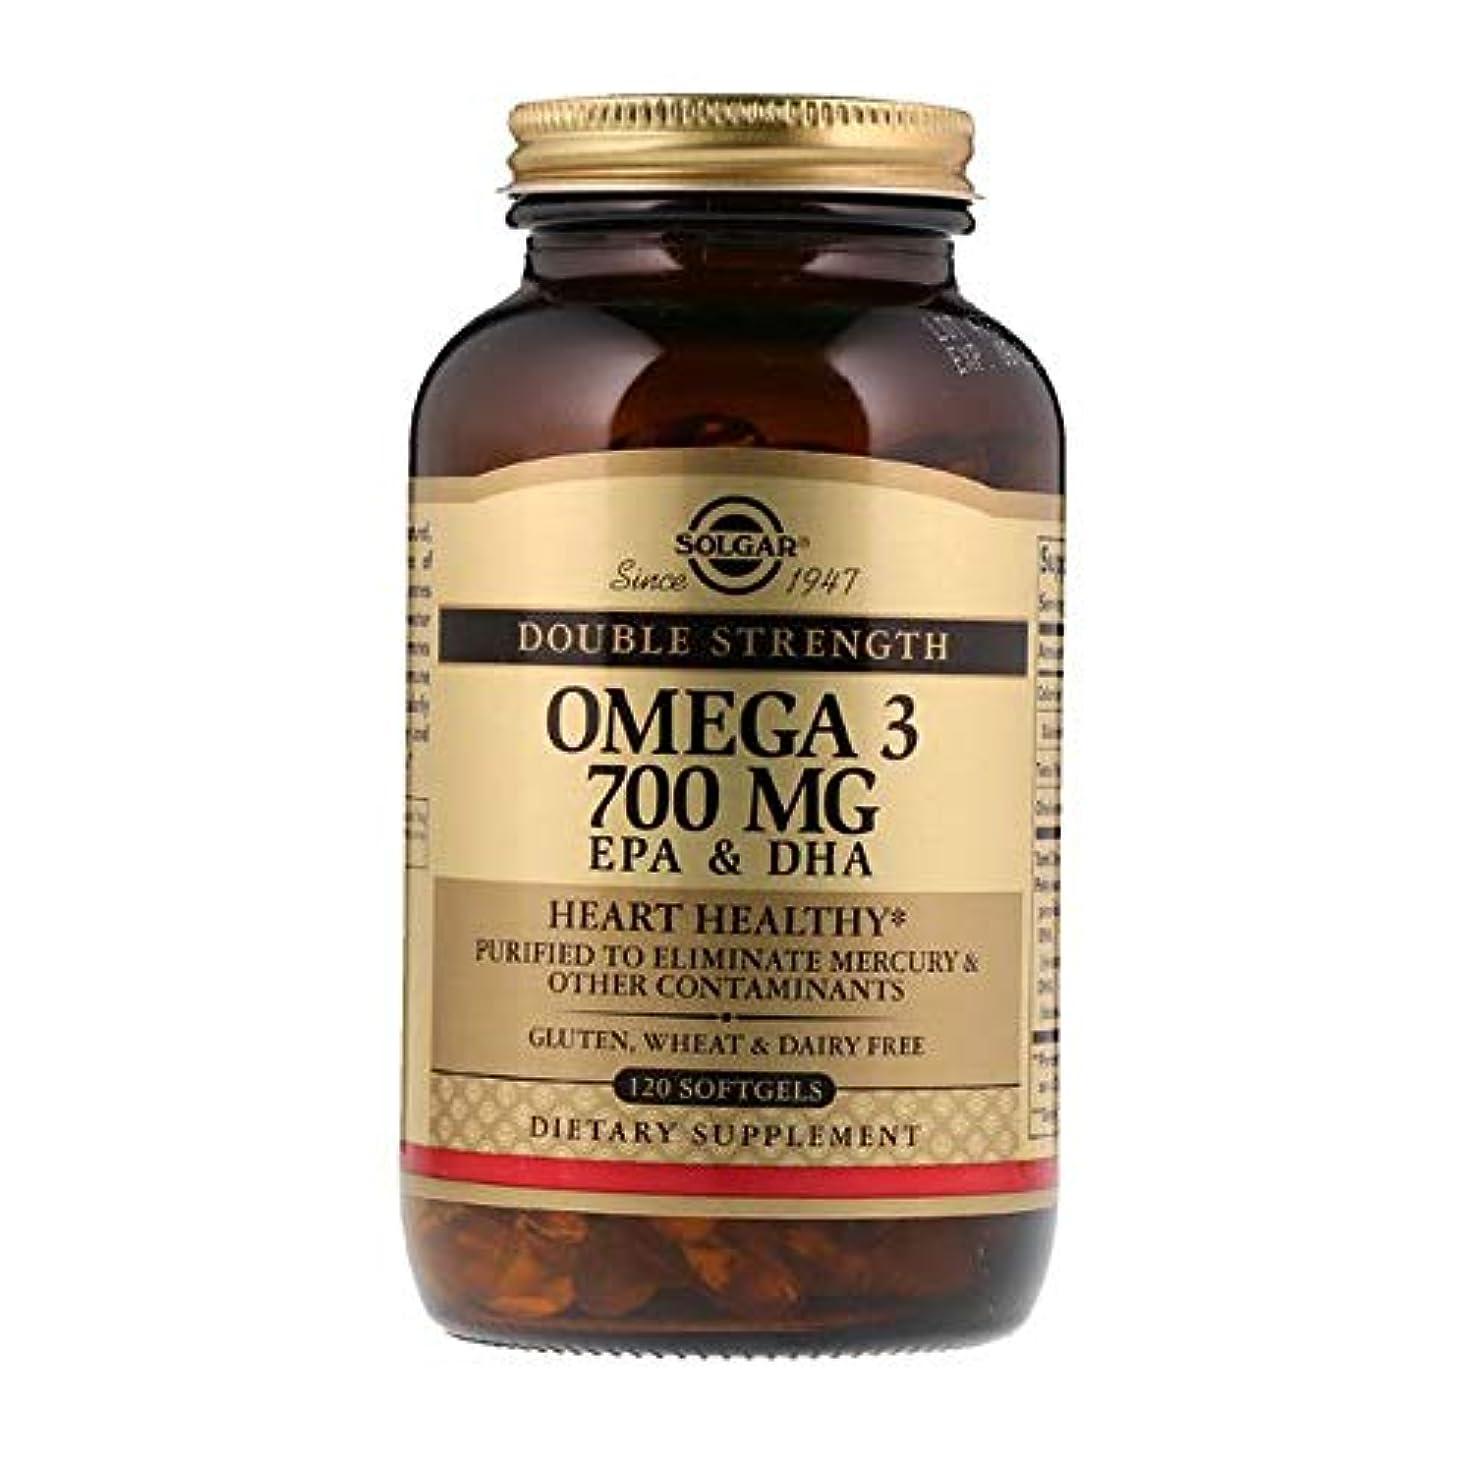 バット権威楽しませるSolgar Omega 3 EPA DHA Double Strength 700mg 120 Softgels 【アメリカ直送】